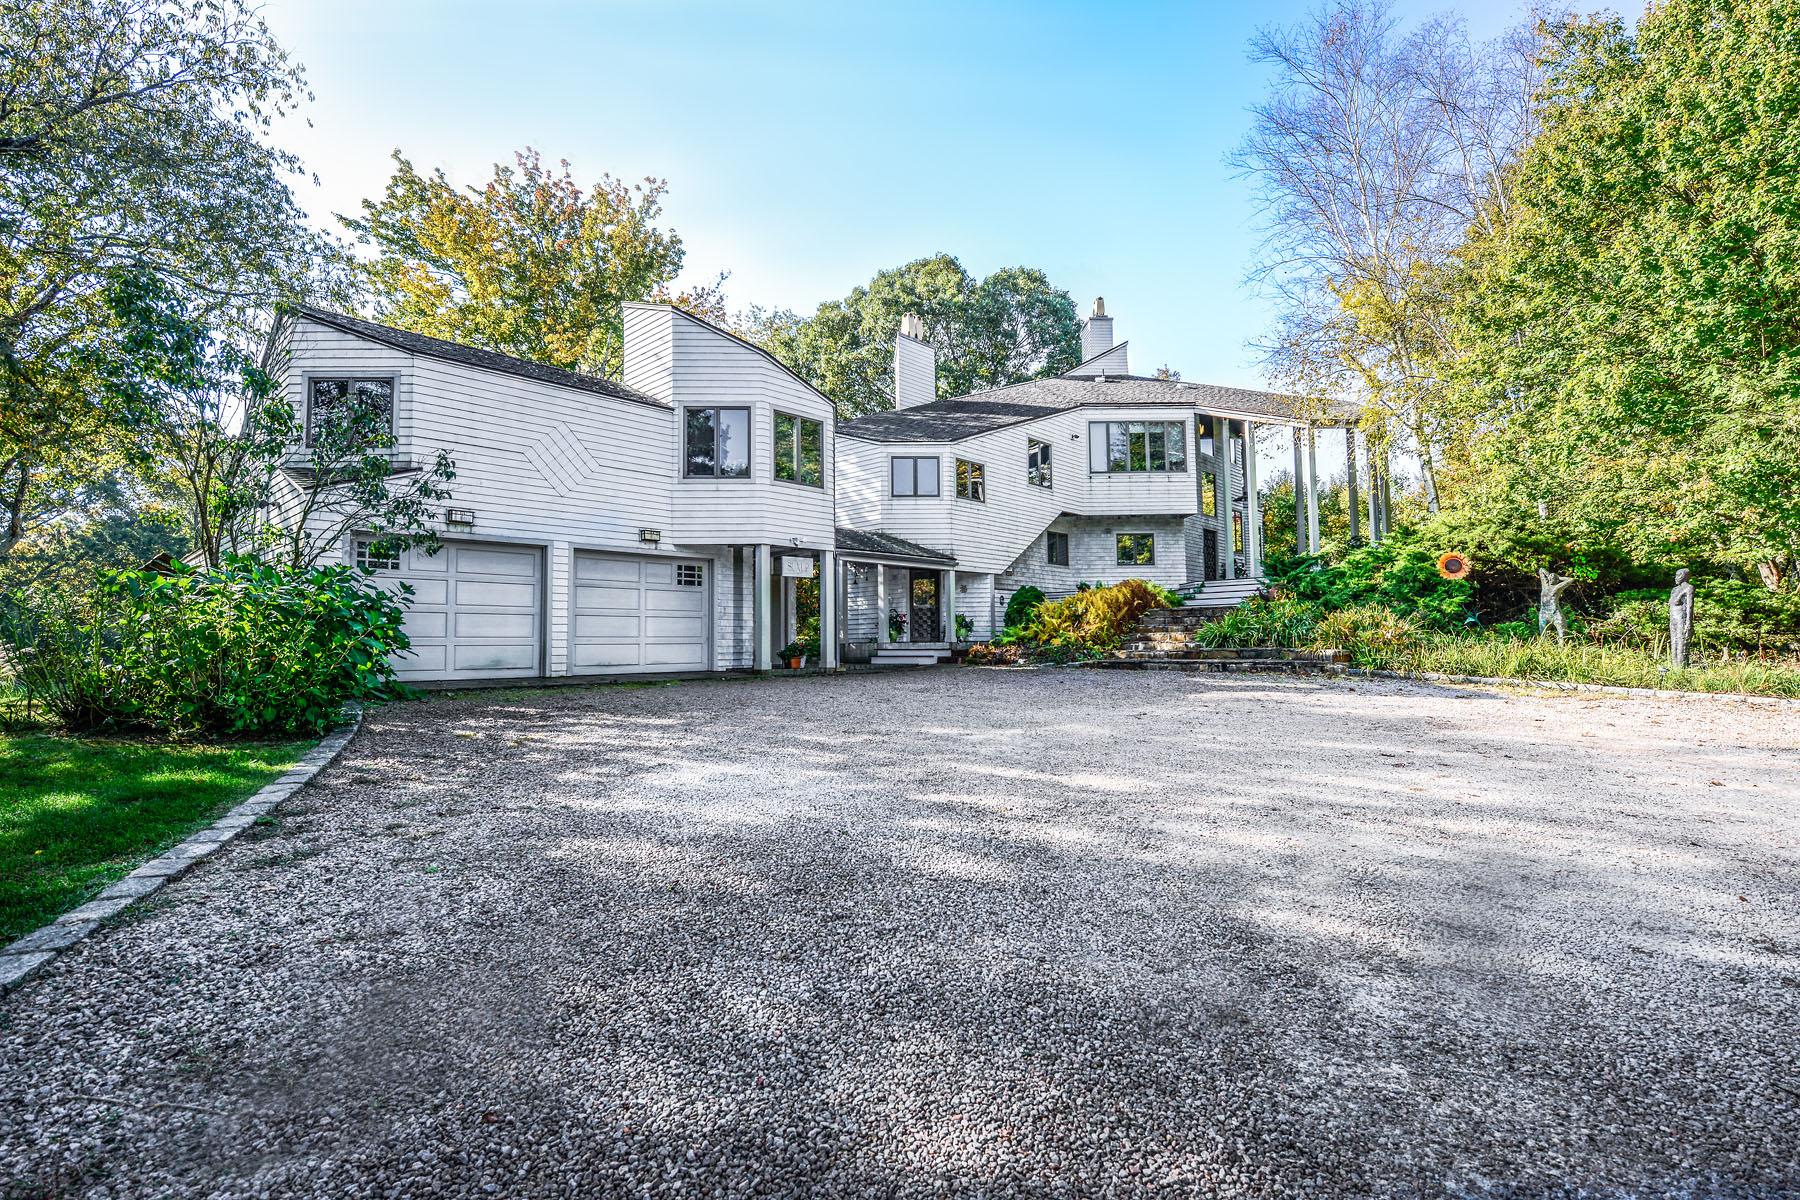 Maison unifamiliale pour l Vente à Sun Up 10 No Bottom Ridge Rd Westerly, Rhode Island 02891 États-Unis